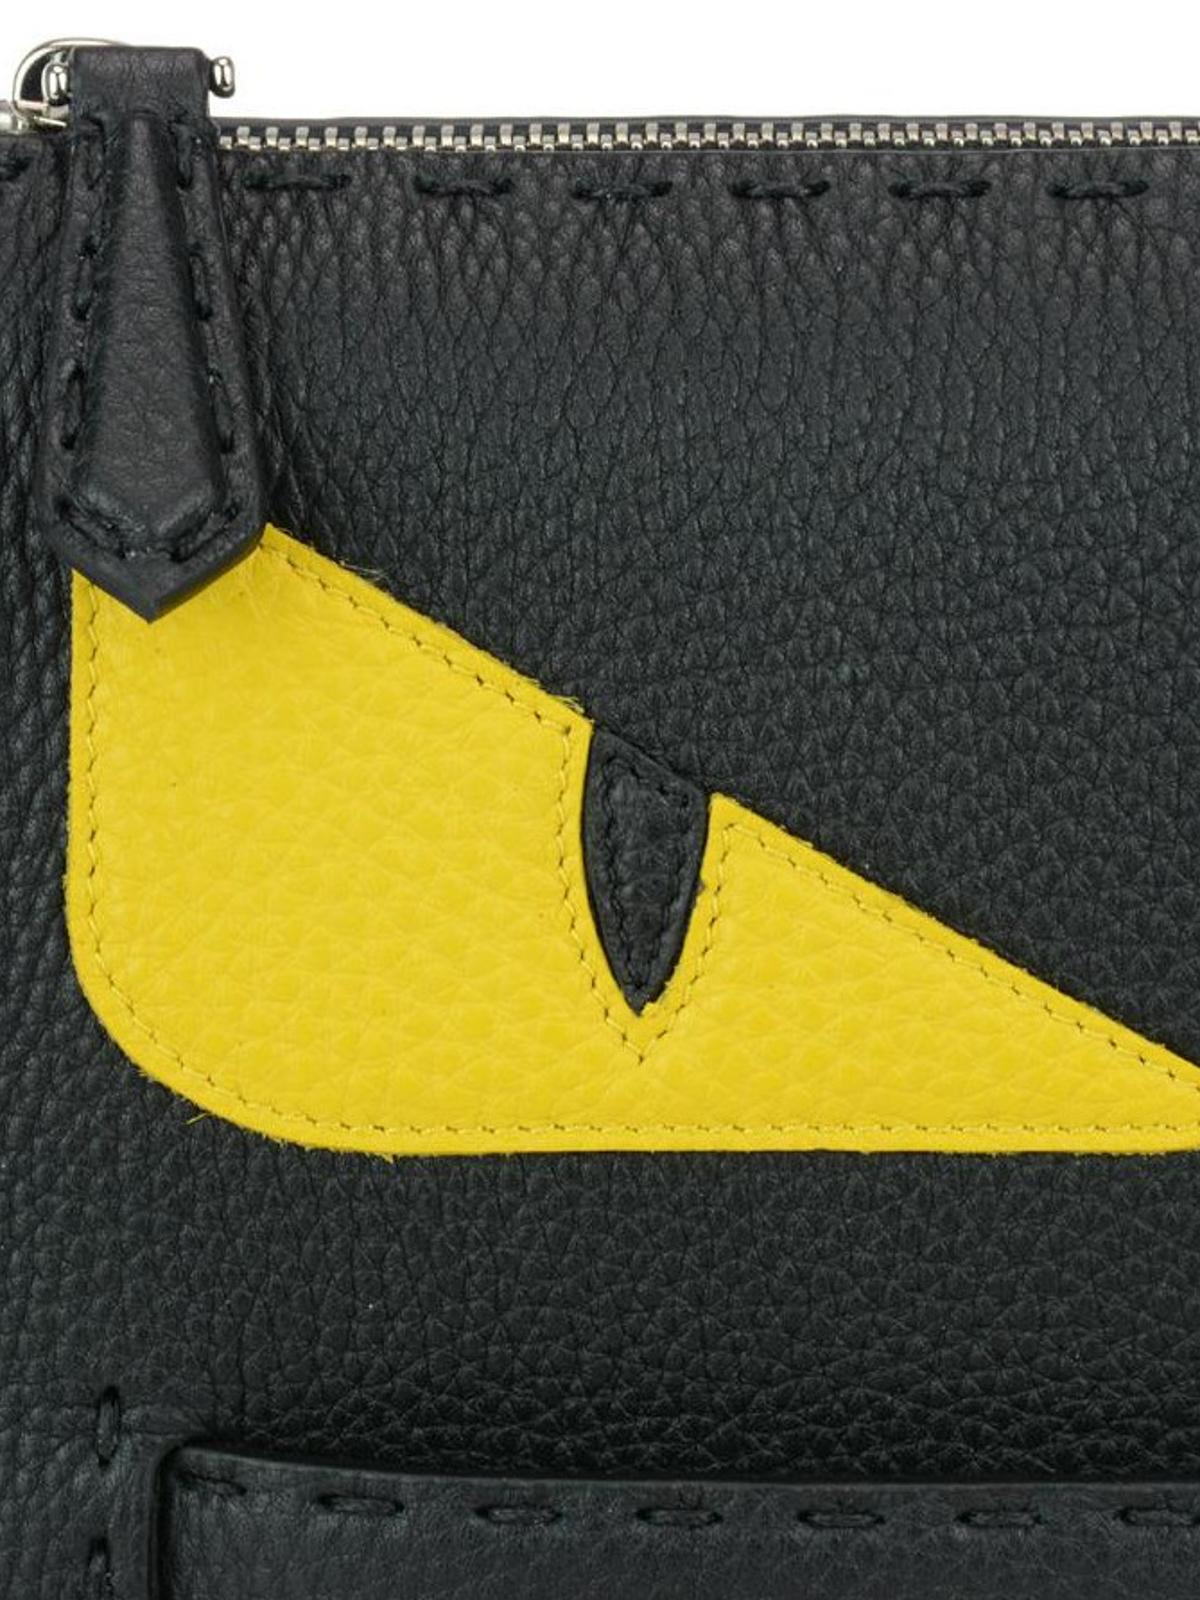 ... spain yellow bag bugs eyes clutch shop online fendi c51ba 20f43 8dda01d17ef09